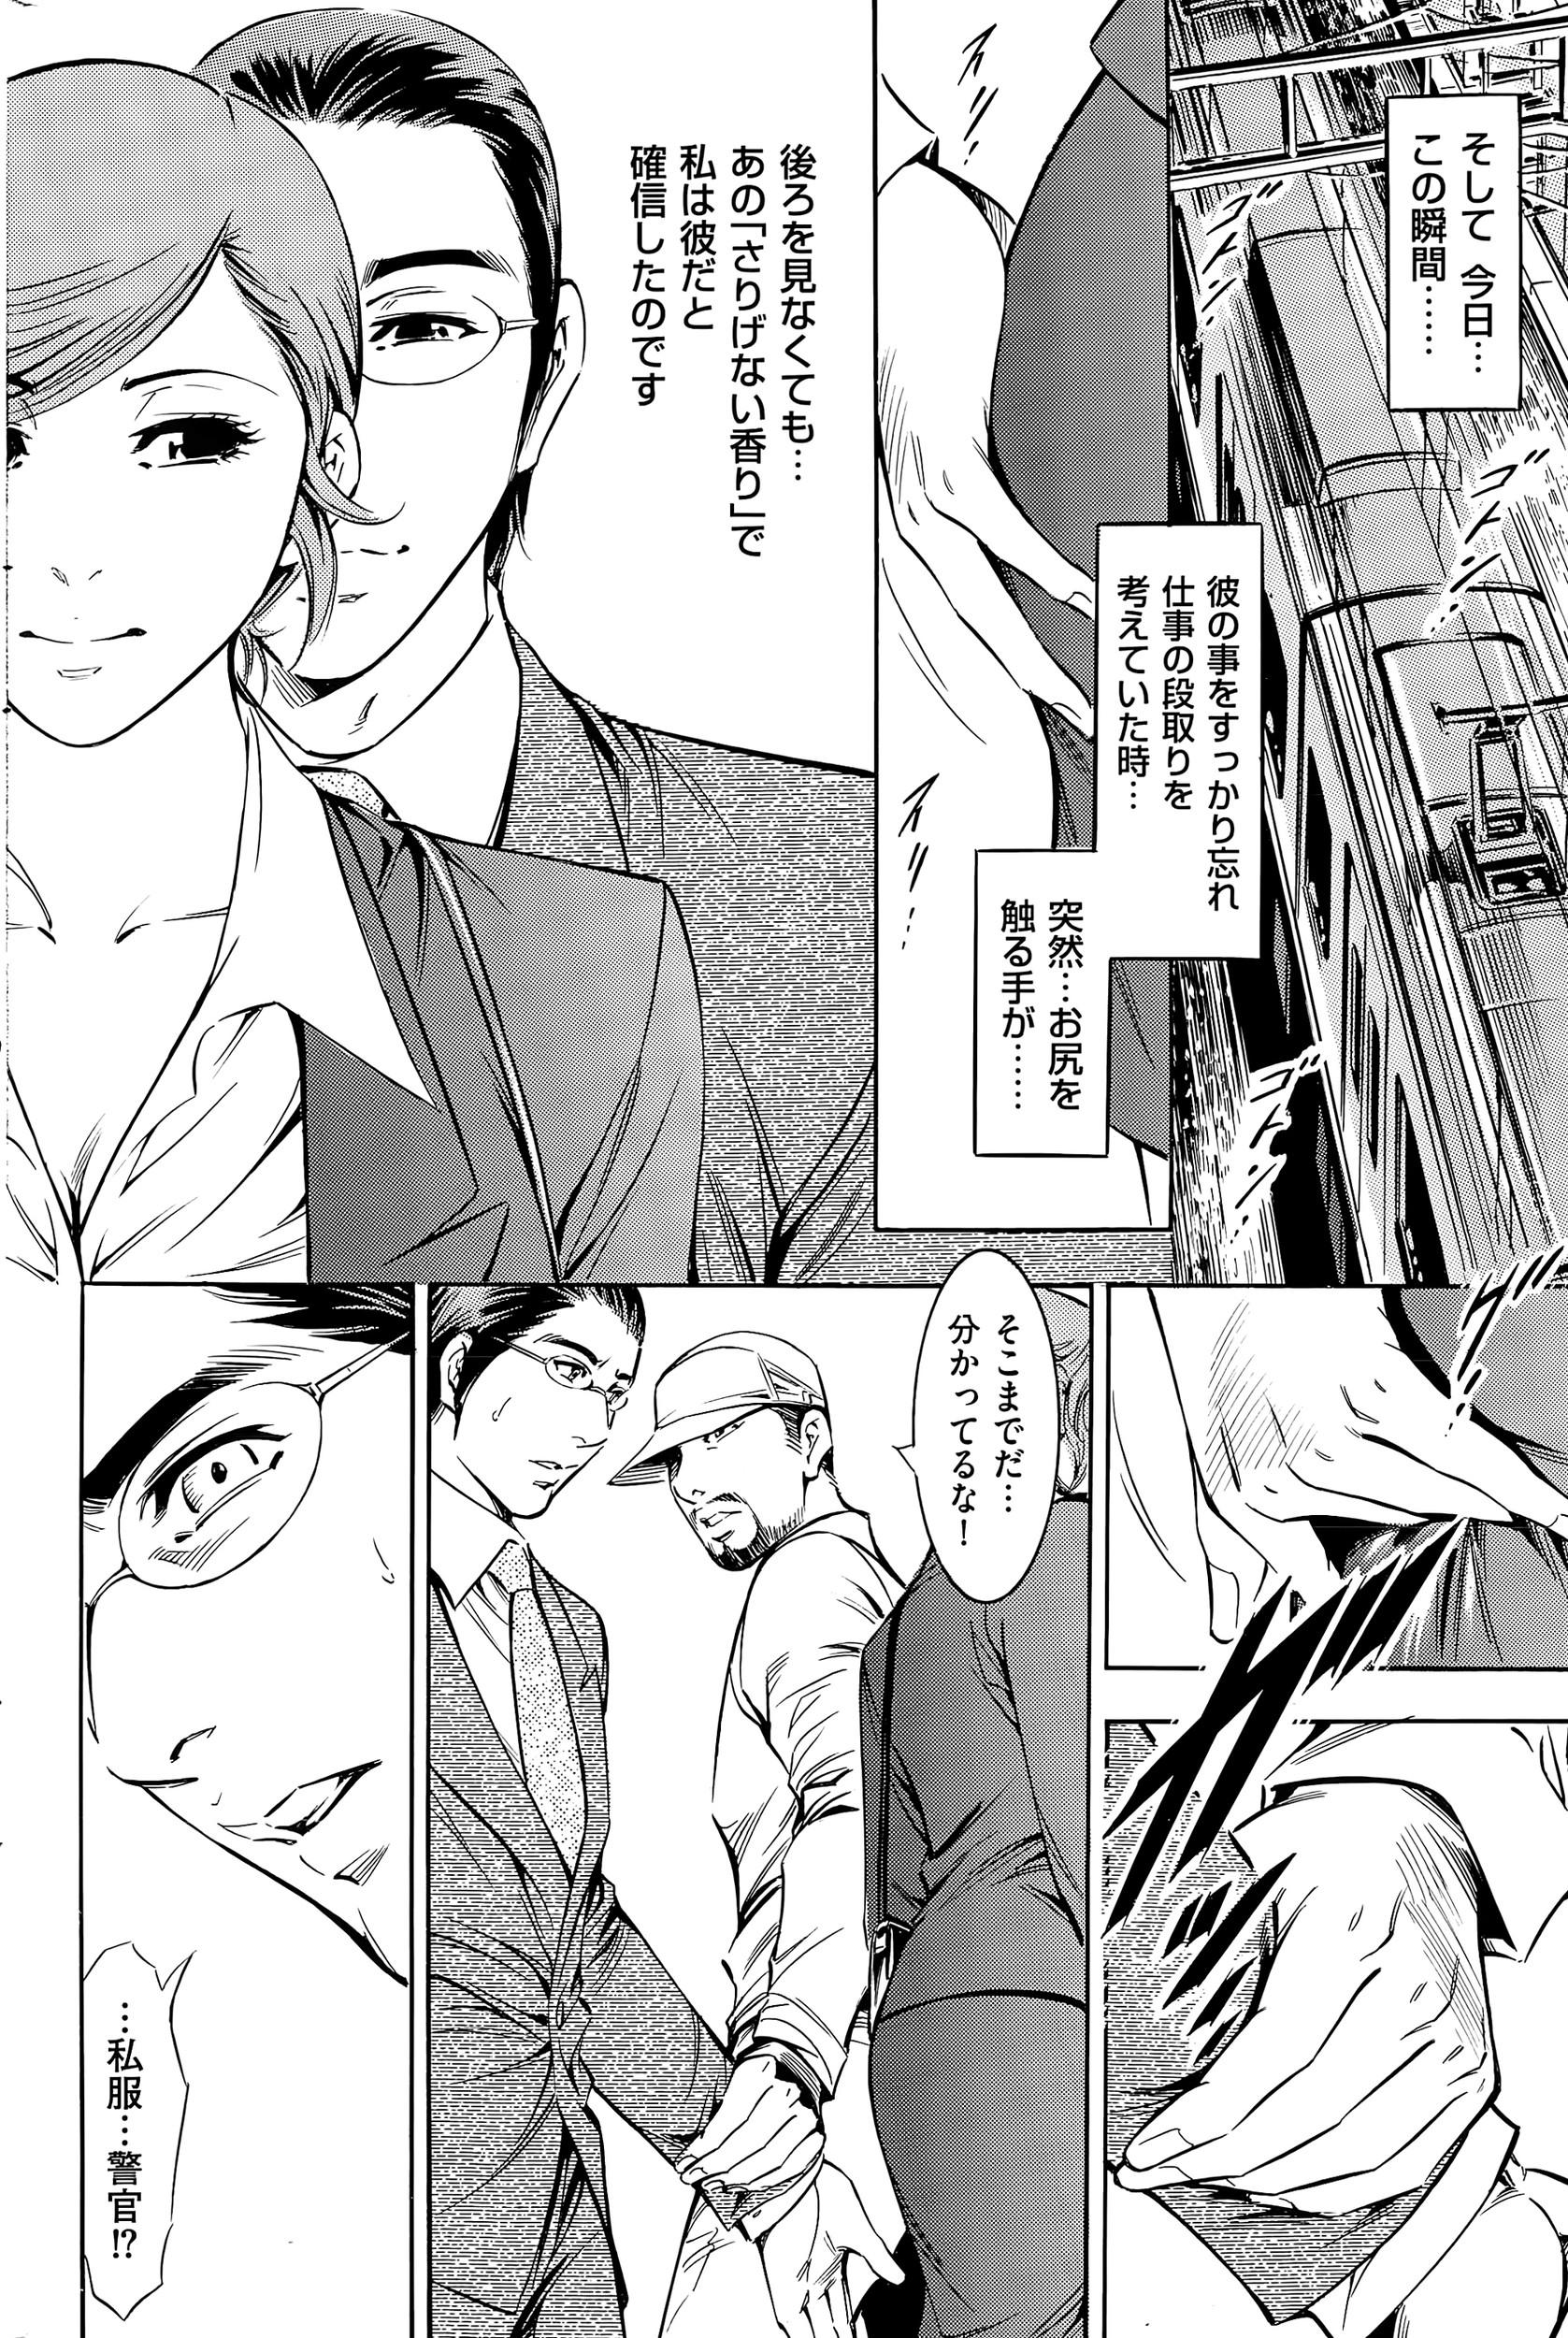 【エロ漫画・エロ同人】痴漢されたくてしょうがない巨乳OLwww (8)